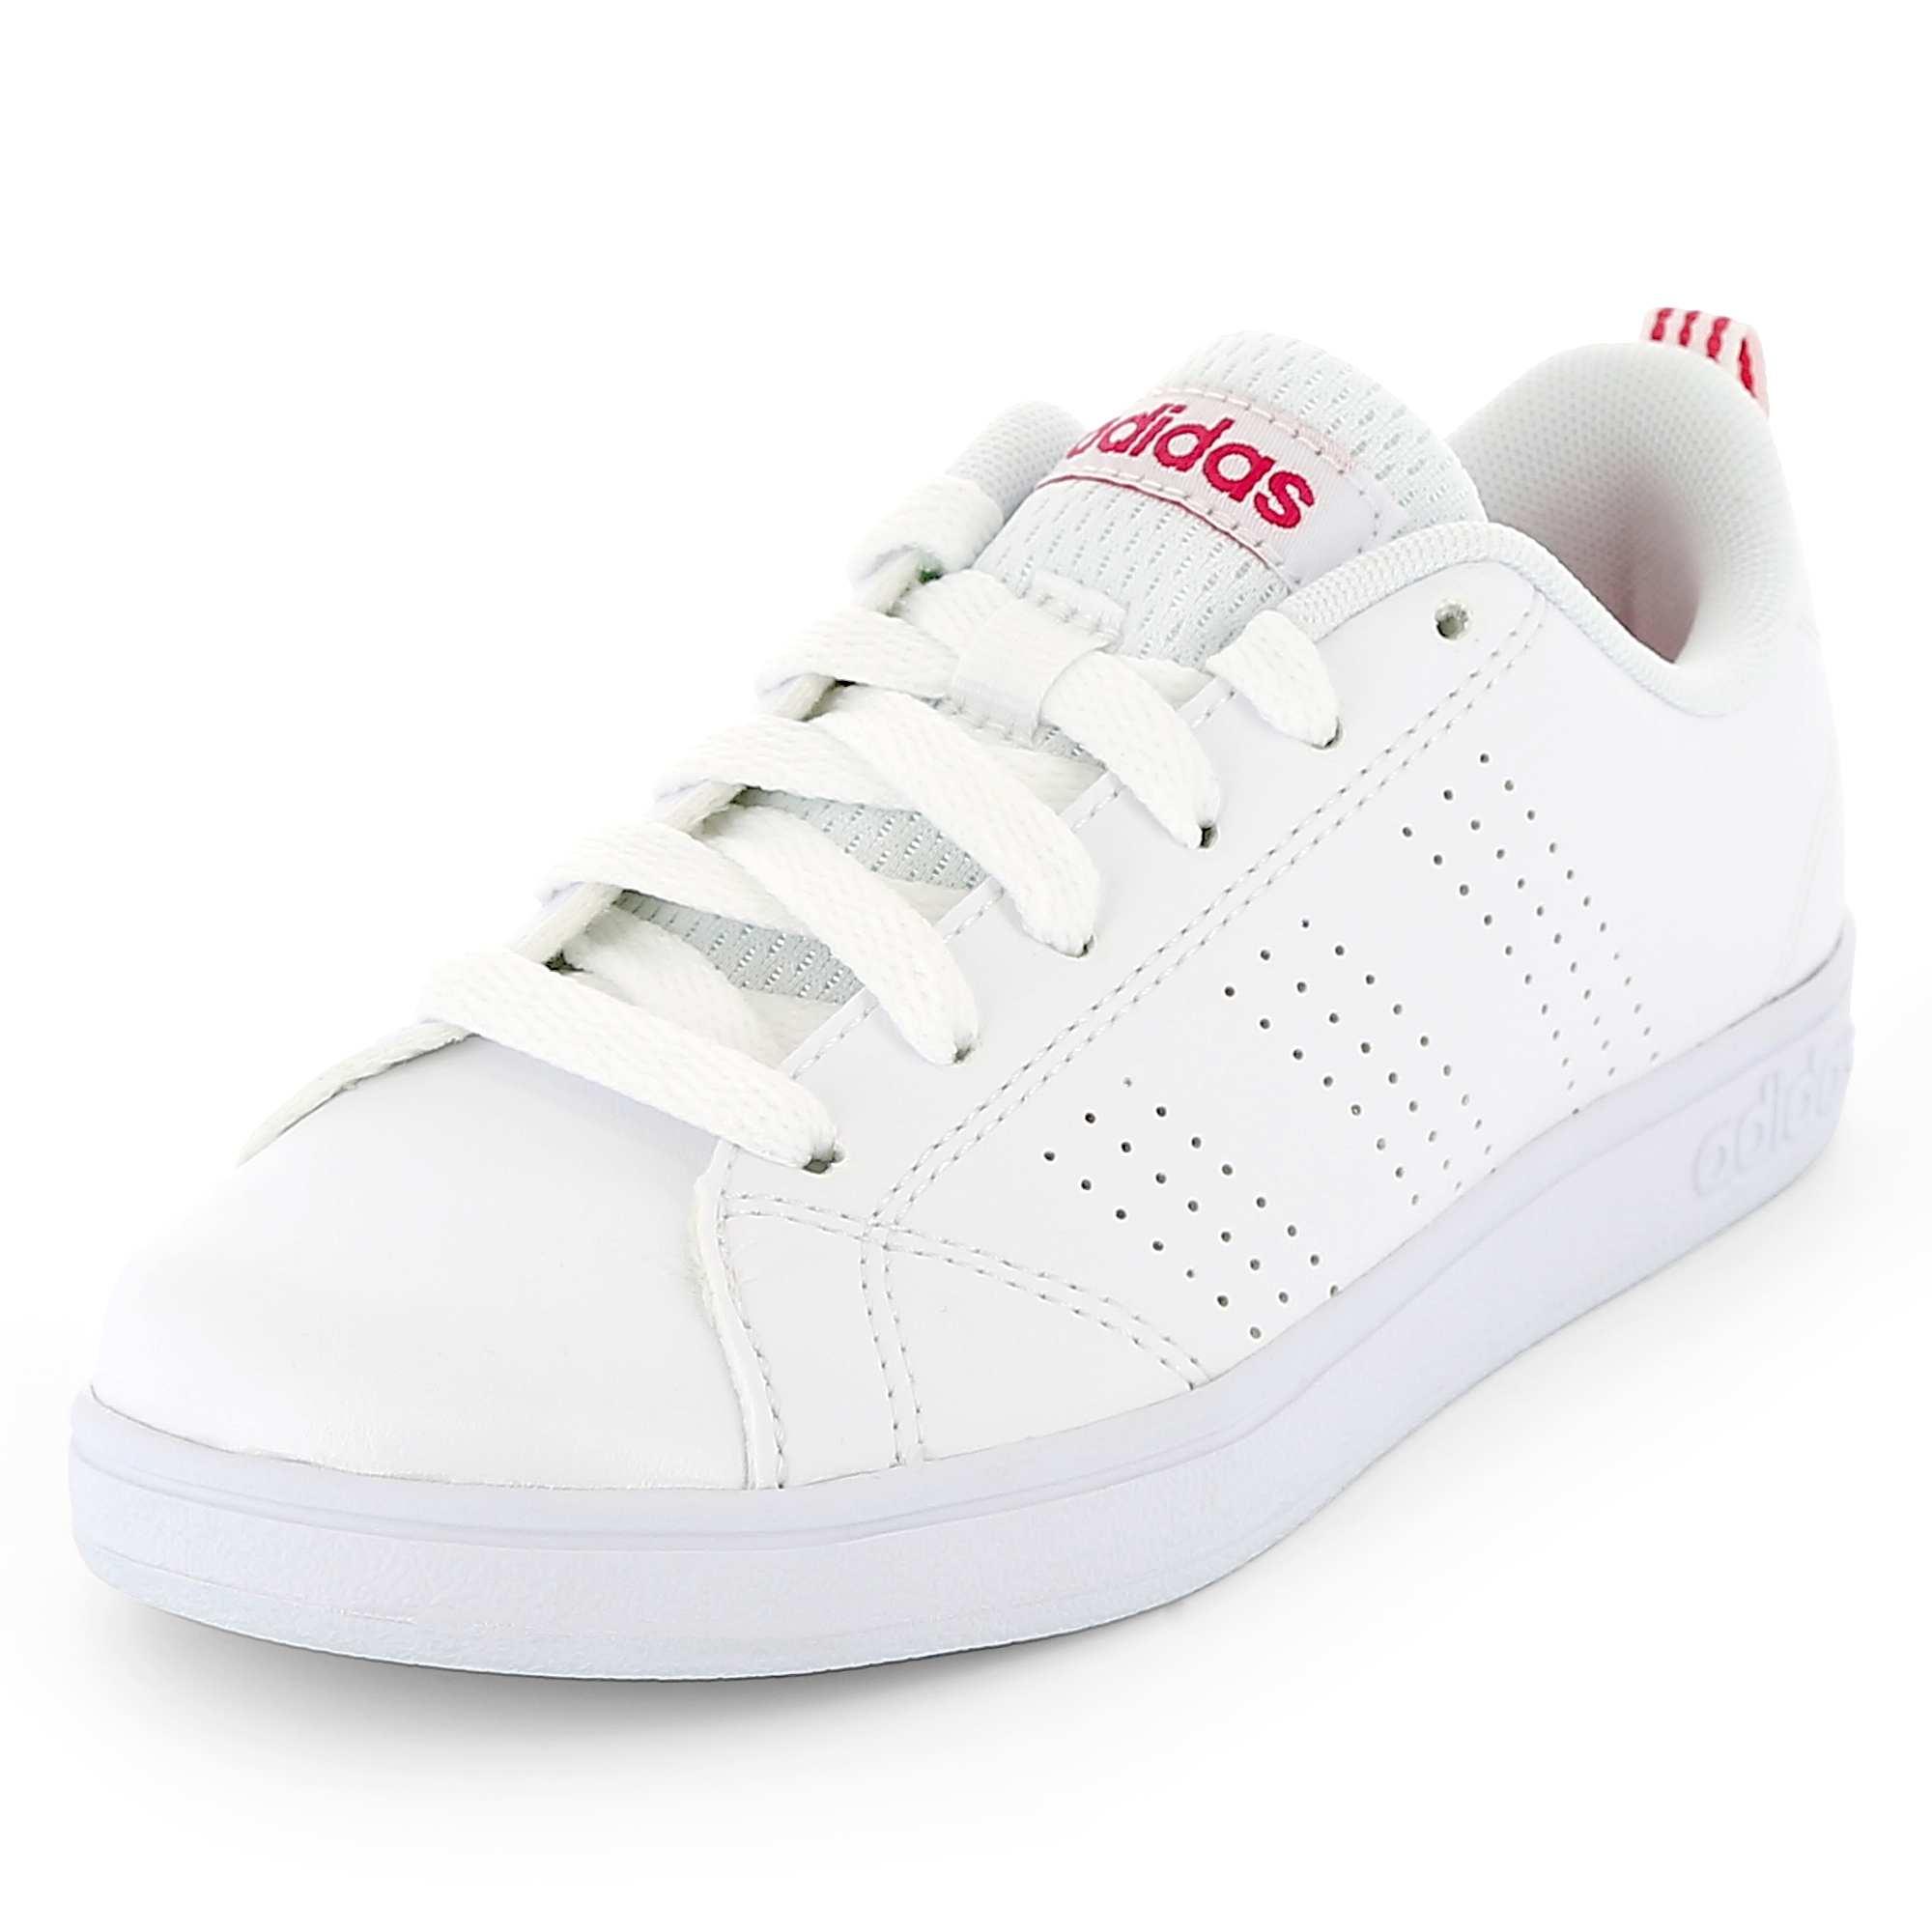 Couleur : blanc, , ,, - Taille : 38, 35, 33,36 2/3,30Les basiques intemporels qu'elles aiment, signés 'Adidas'. - Baskets basses en simili